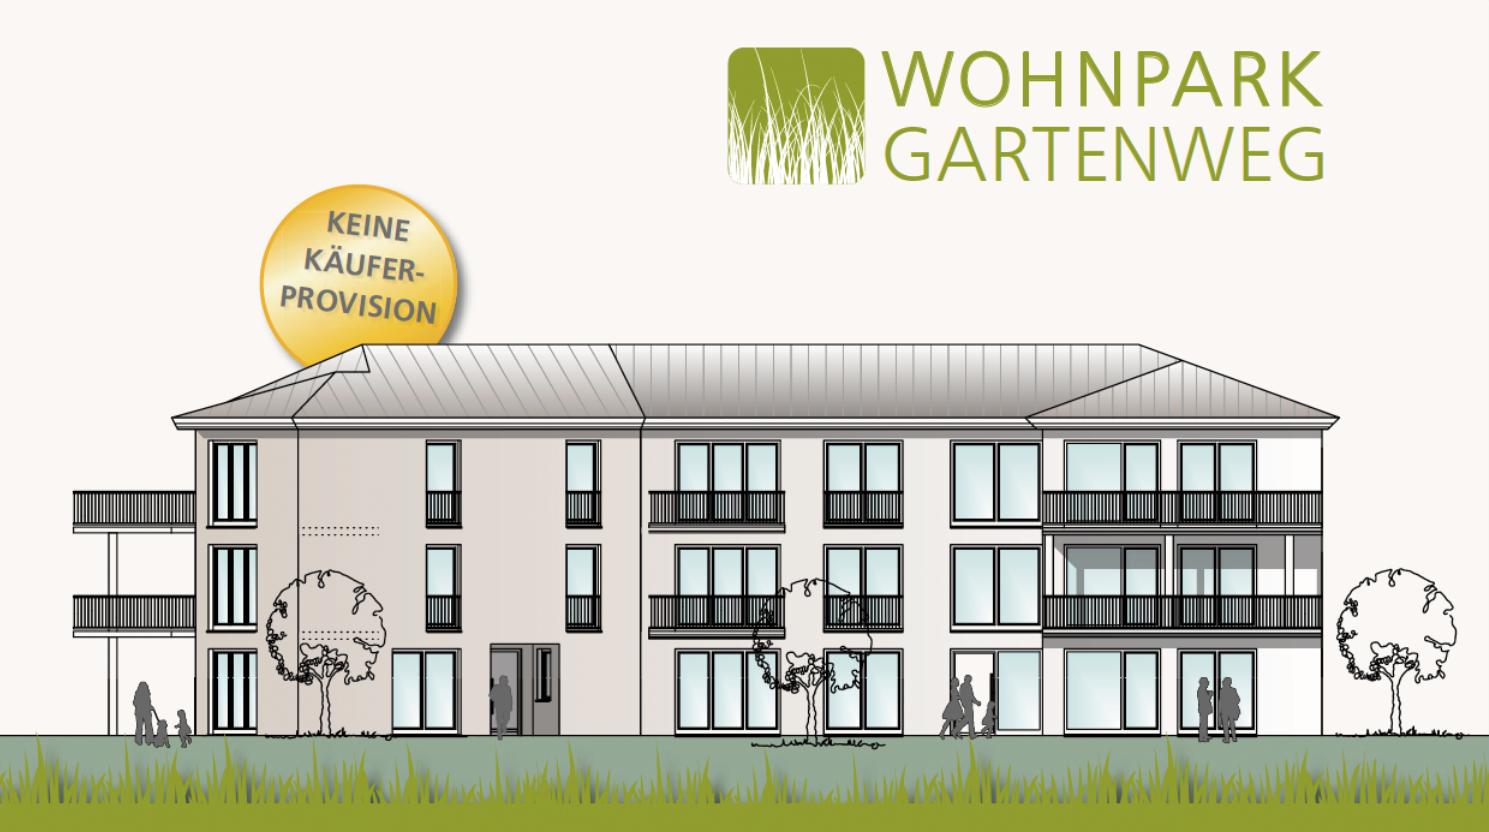 Wohnpart-Gartenweg